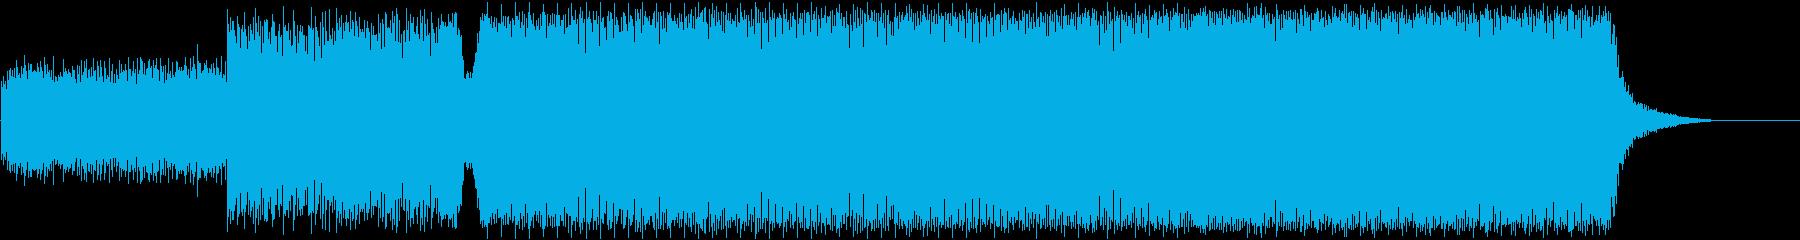 かっこよく疾走感のあるテクノの再生済みの波形